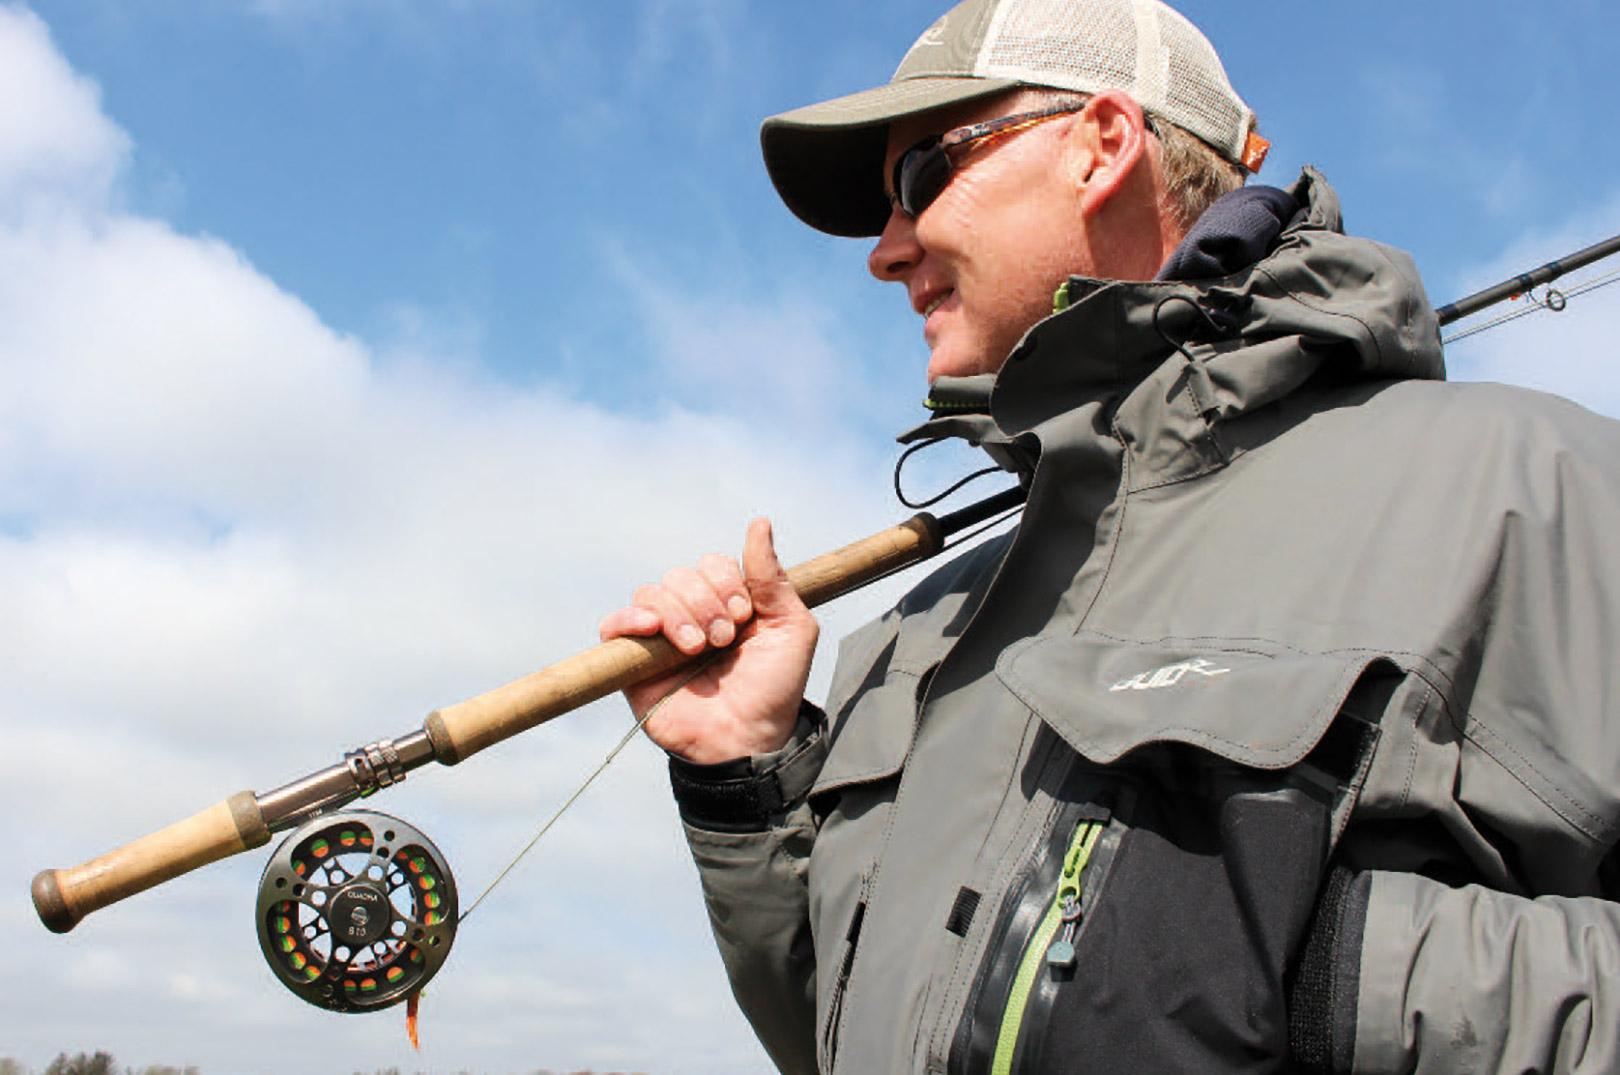 Tohåndsstangen er Kims foretrukne våben, men senere på sæsonen kan han sagtens finde på at fiske stribende fluer med enhåndsstangen.